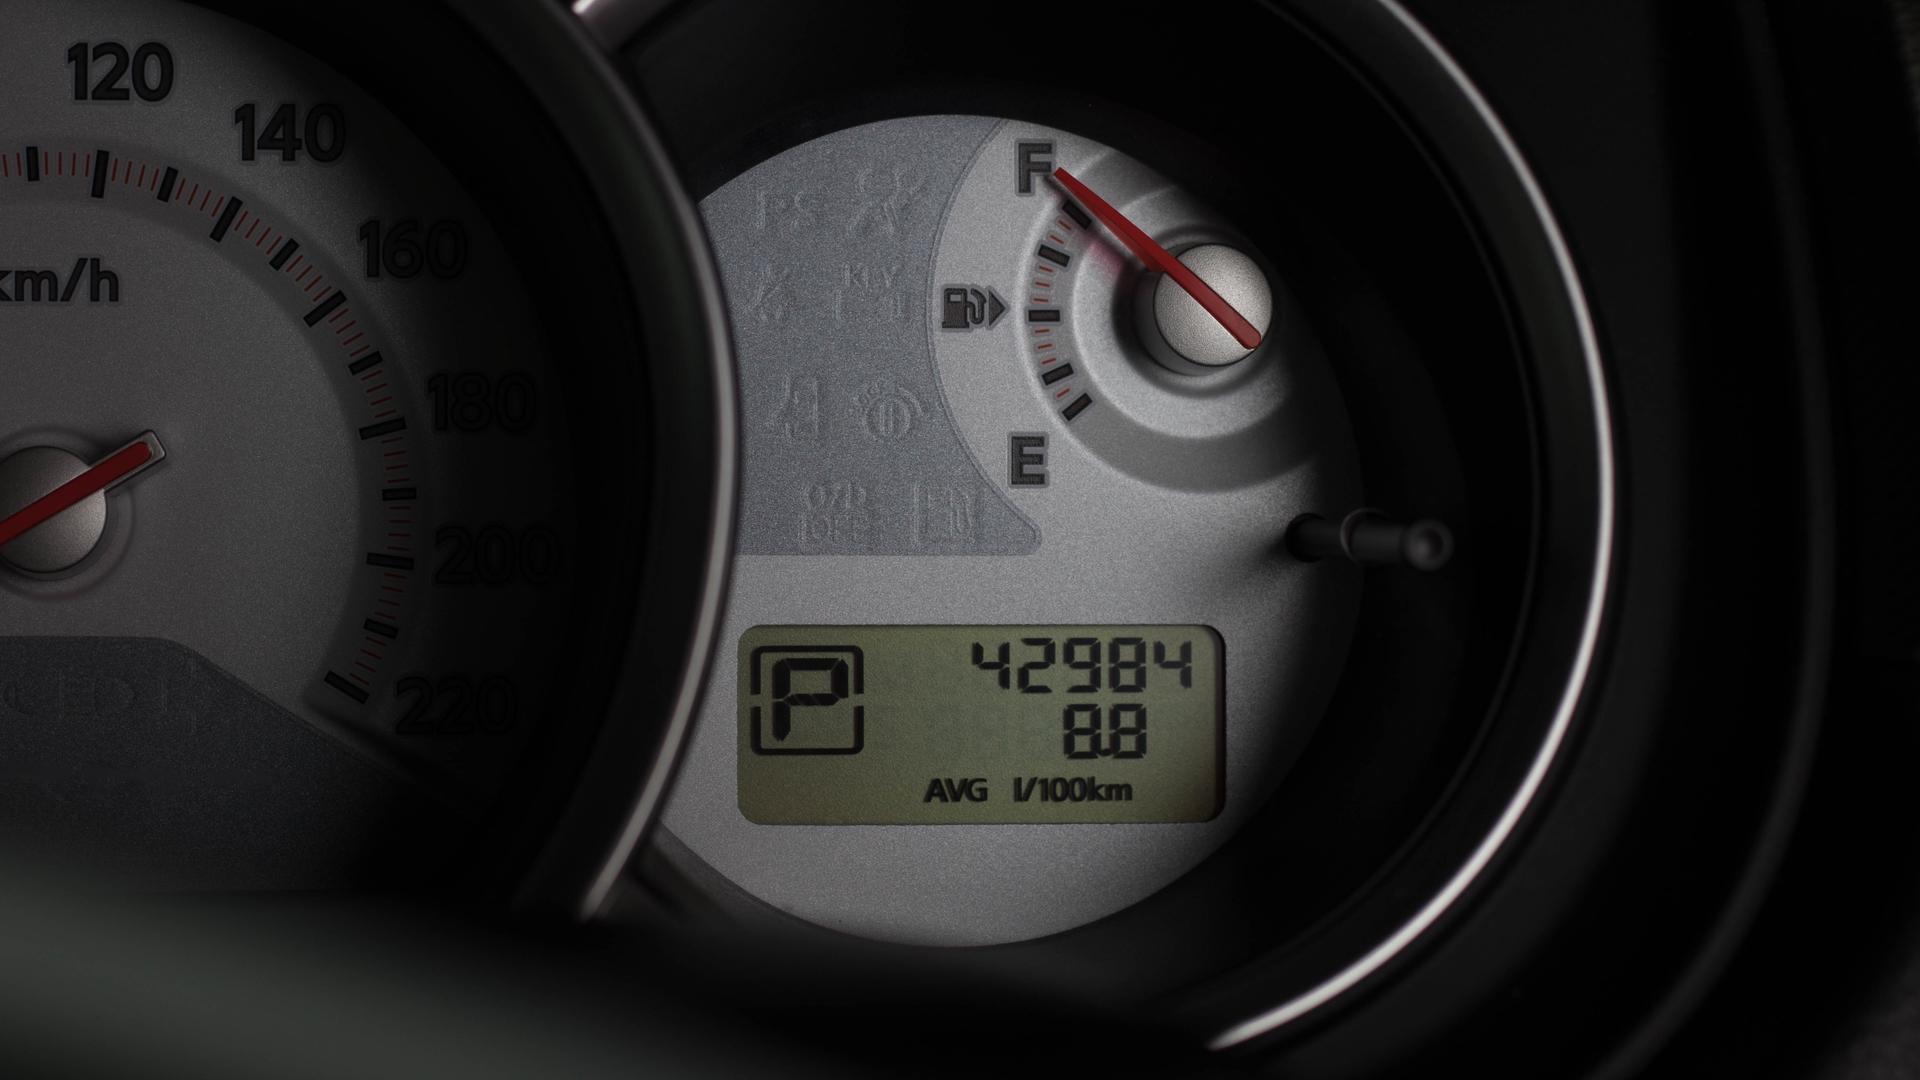 PCP mileage limit